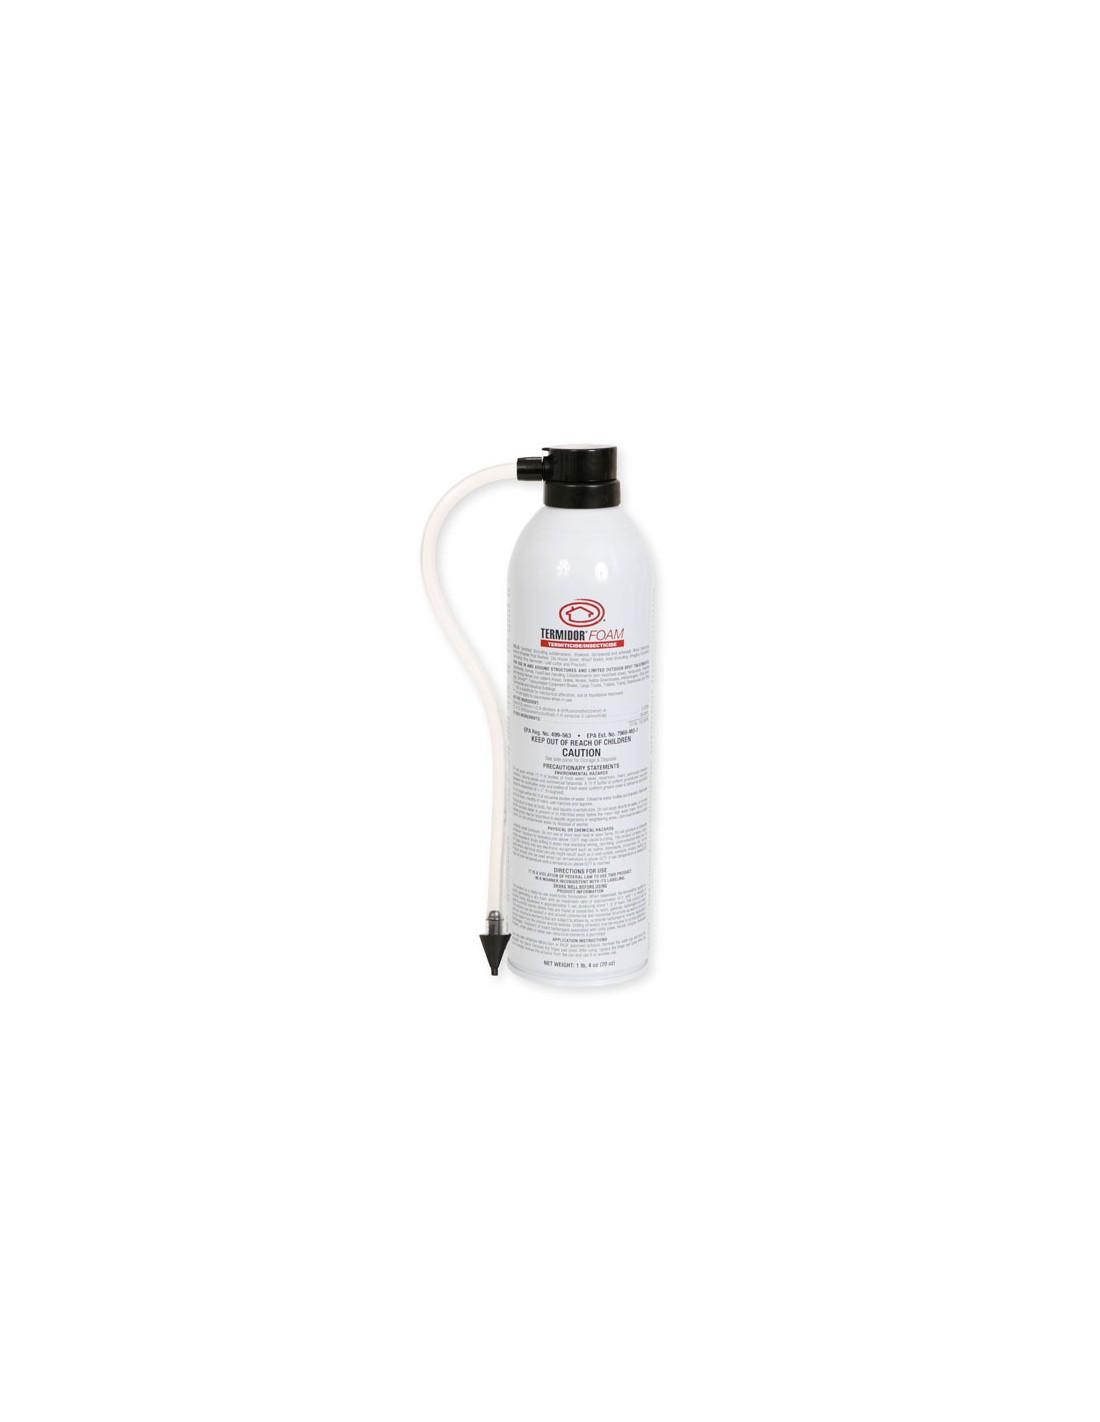 Termidor Foam Termiticide Insecticide